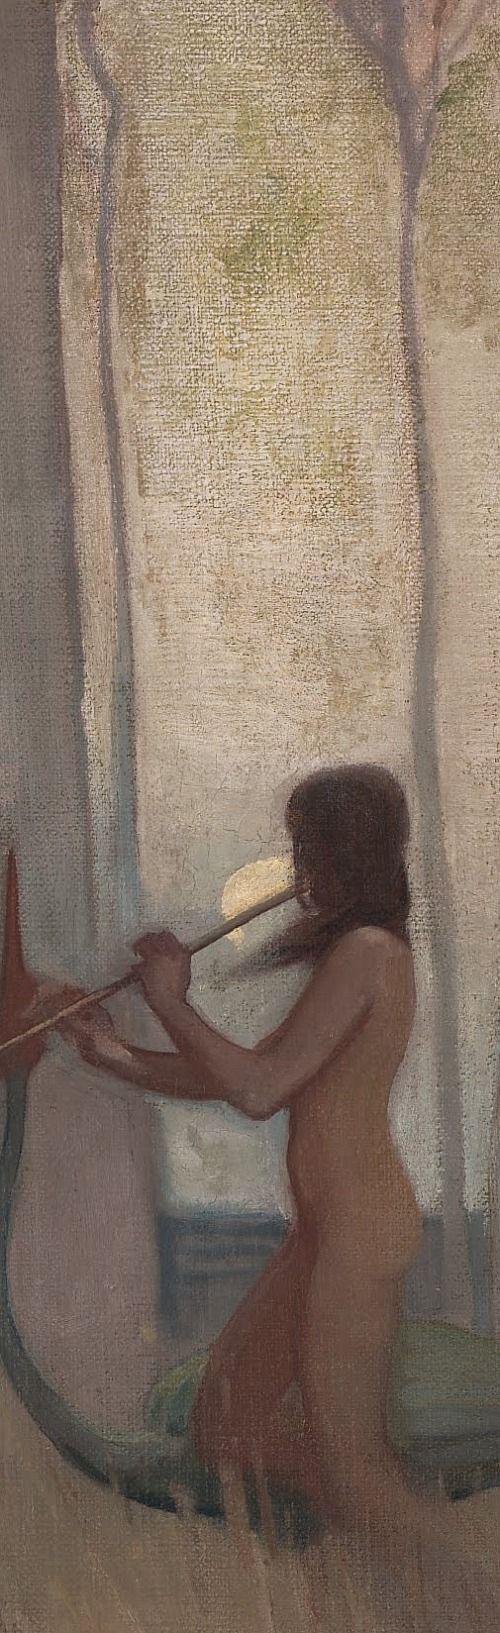 The Spirit of the Plain (Detail) by Sydney Long (Australian Artist)